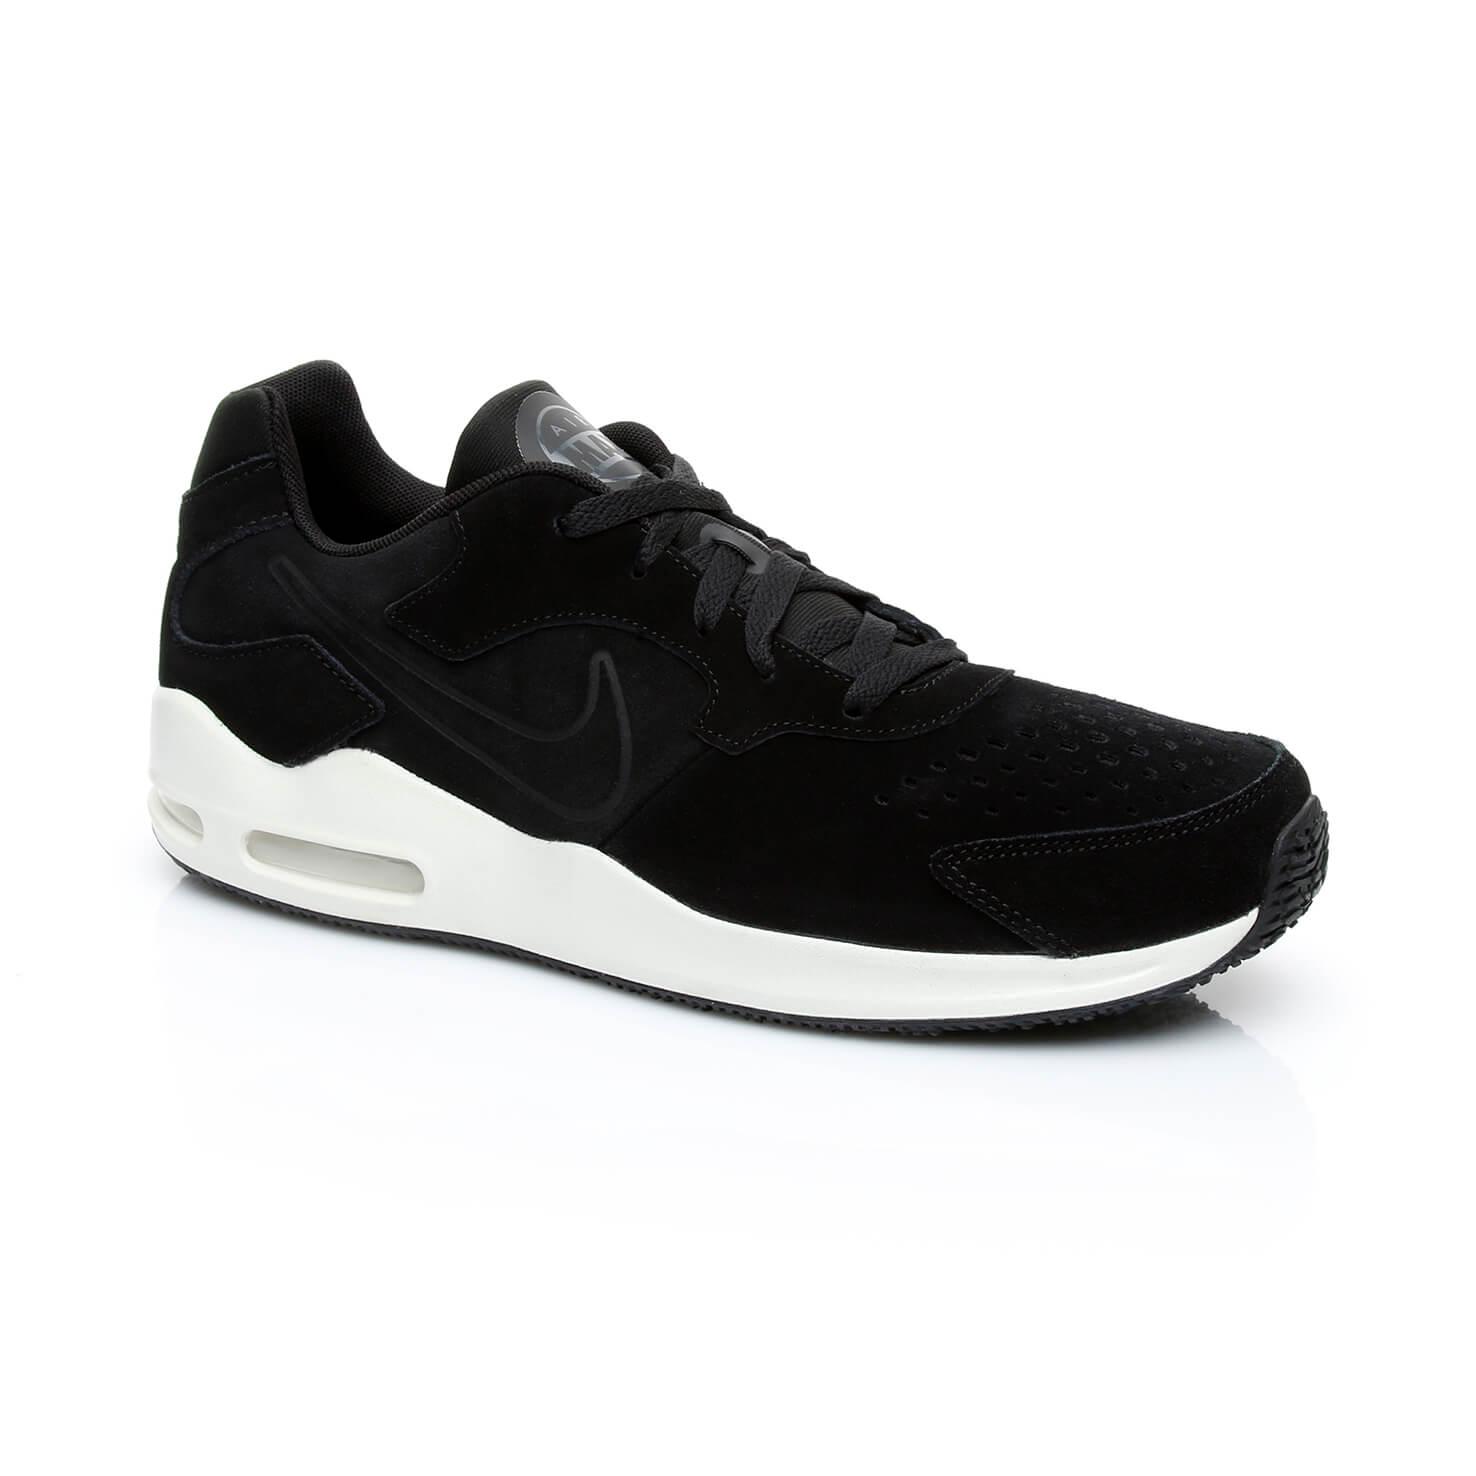 Nike Air Max Guile Premium Erkek Siyah Sneaker